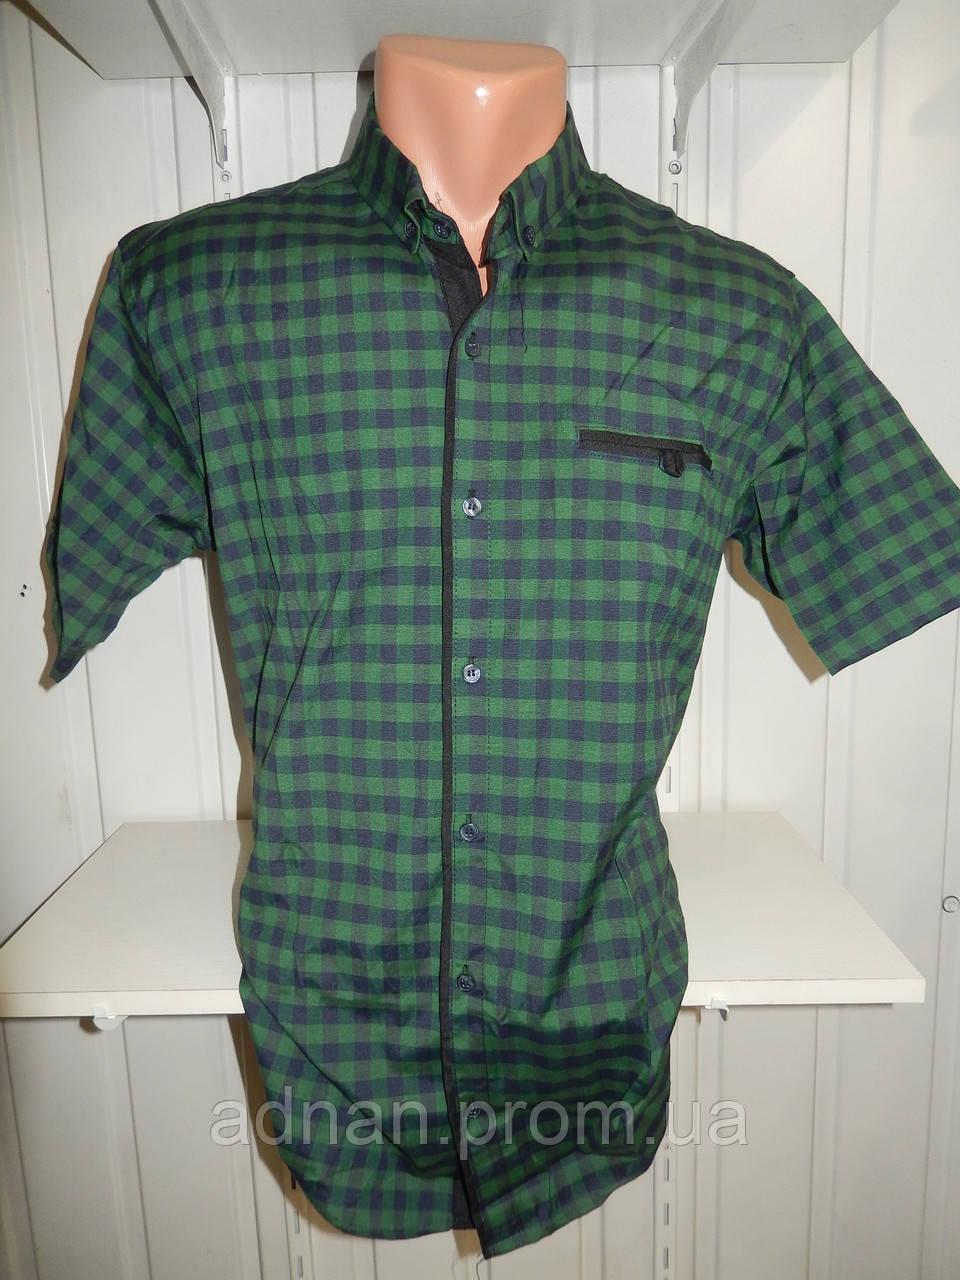 Рубашка мужская  SENATO полу-батал стрейч средняя клетка 16.04 004 \ купить рубашку оптом.